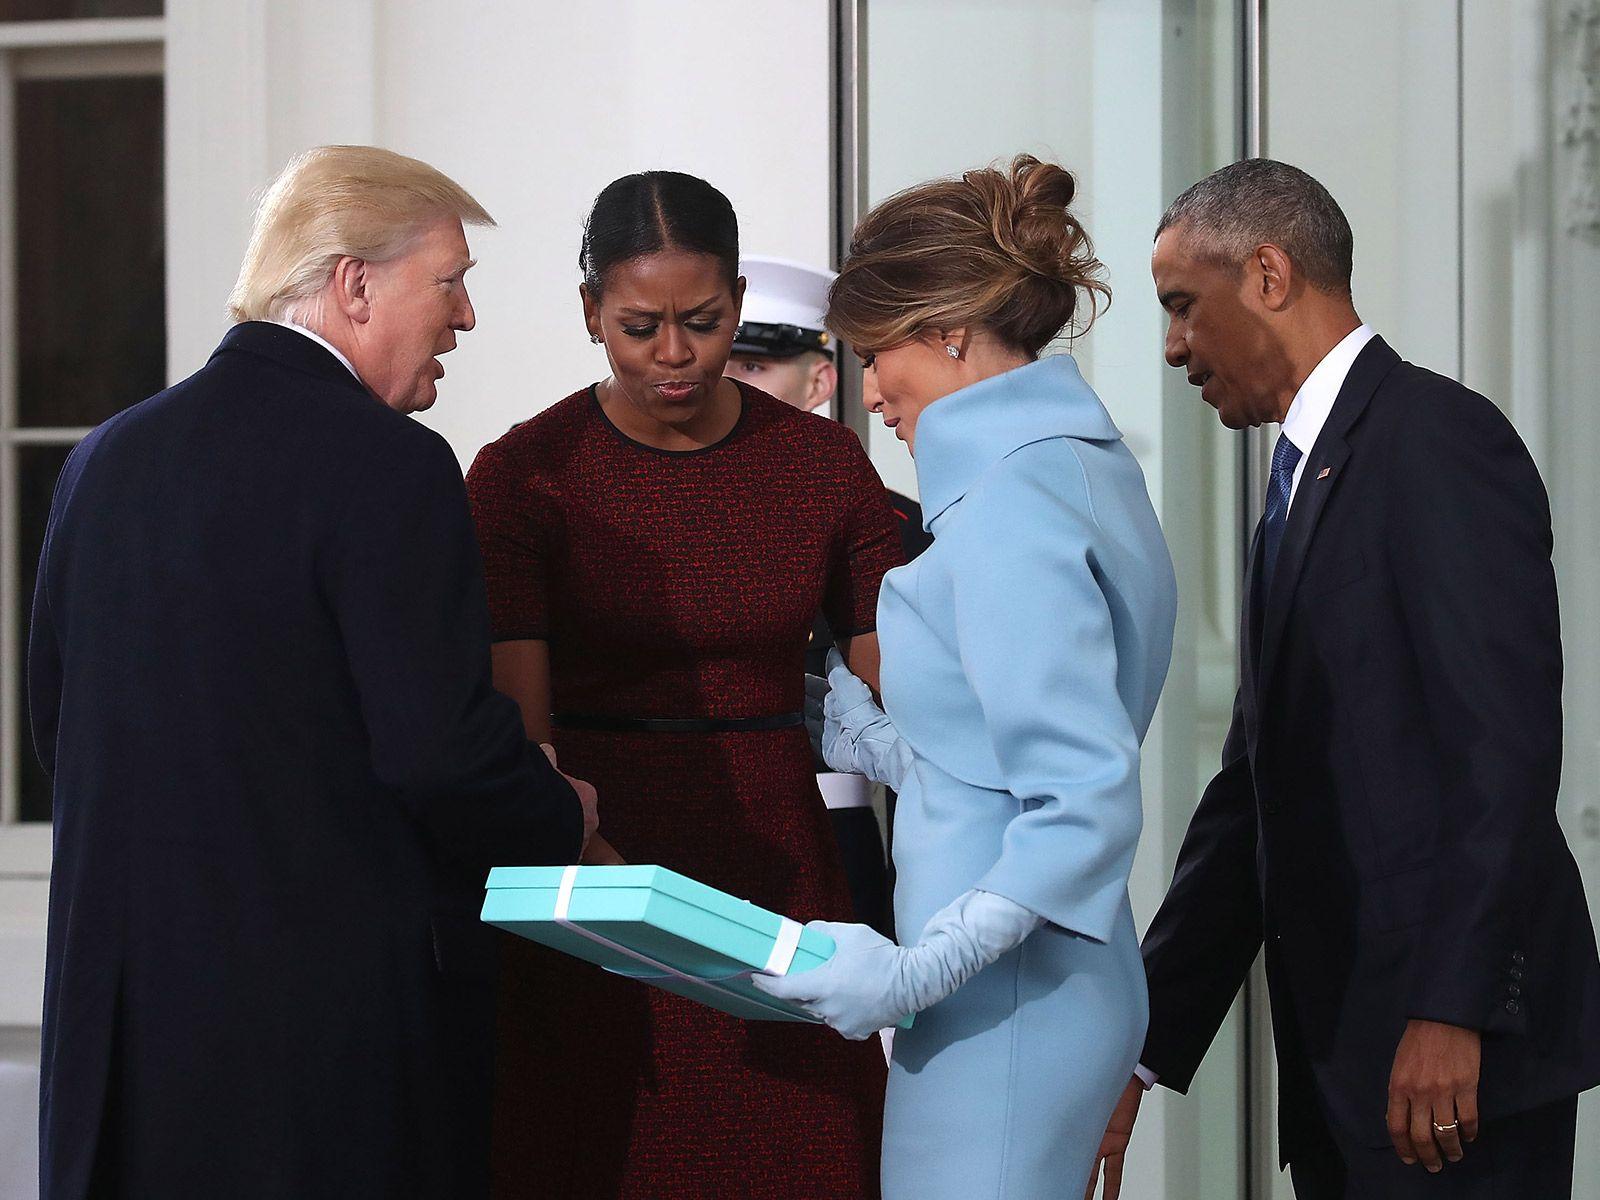 Dal 20 gennaio 2017 Donald Trump è il presidente degli USA: mentre la first family impara la parte, noi abbiamo dato le pagelle ai protagonisti dell'Inauguration Day.